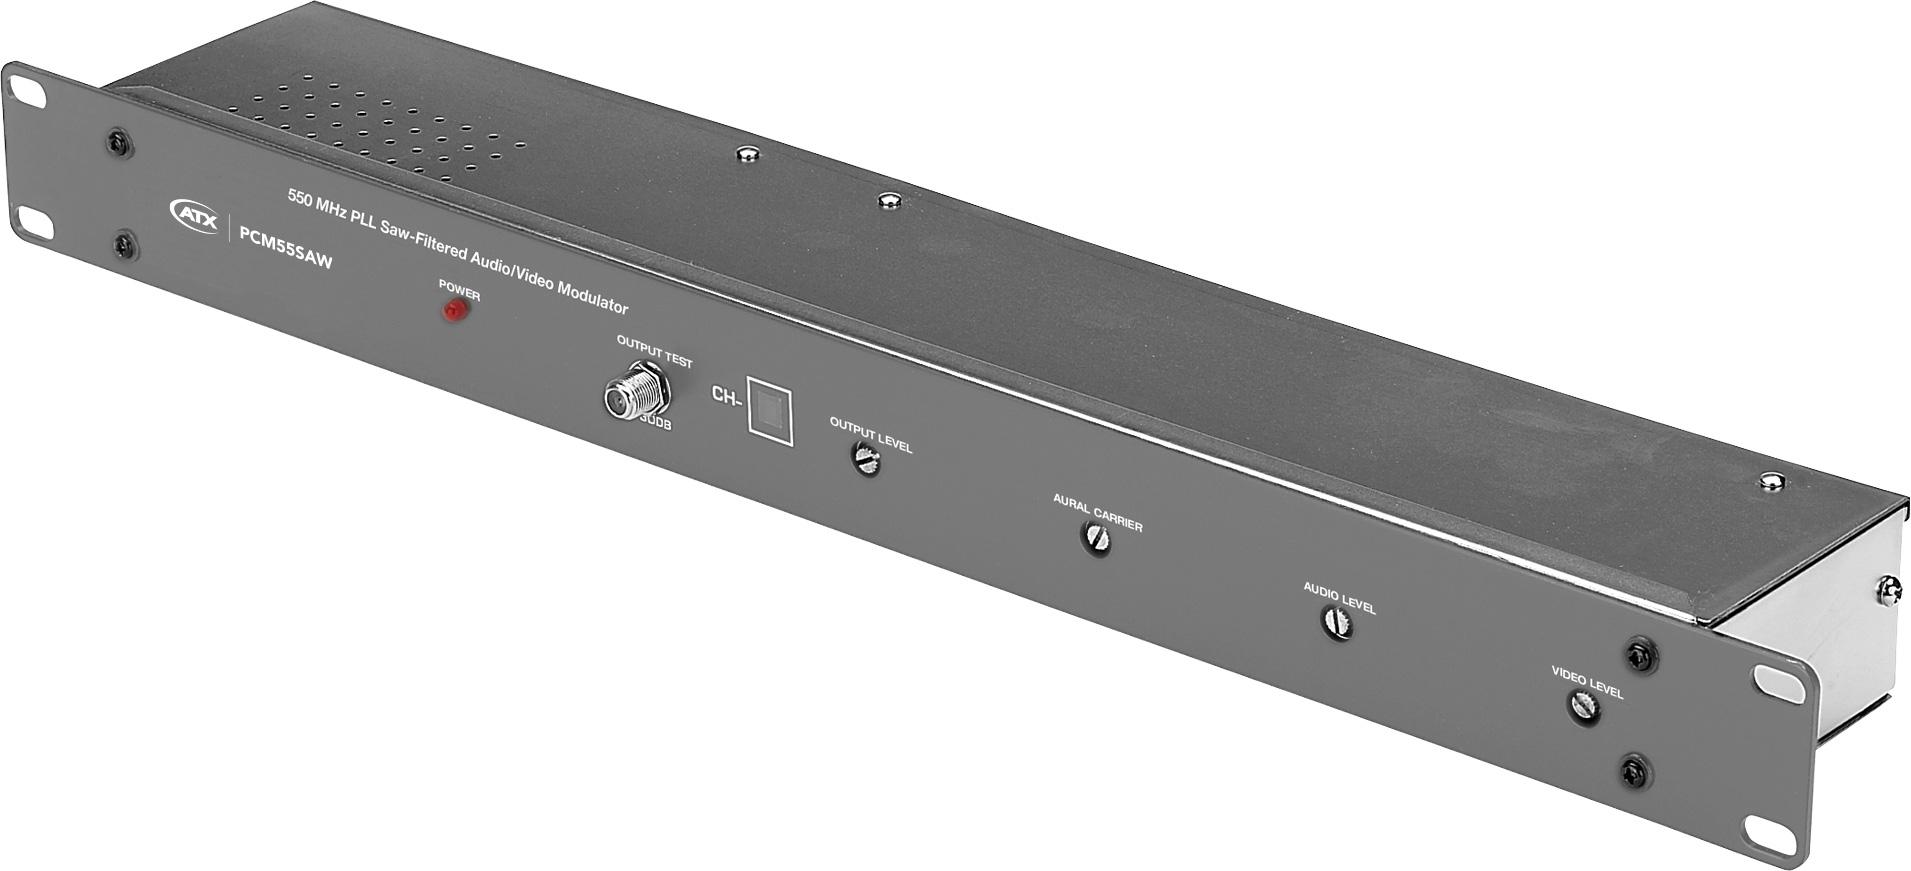 1 Channel Crystal A/V Modulator - Channel JJ PM-PCM55SAW-JJ